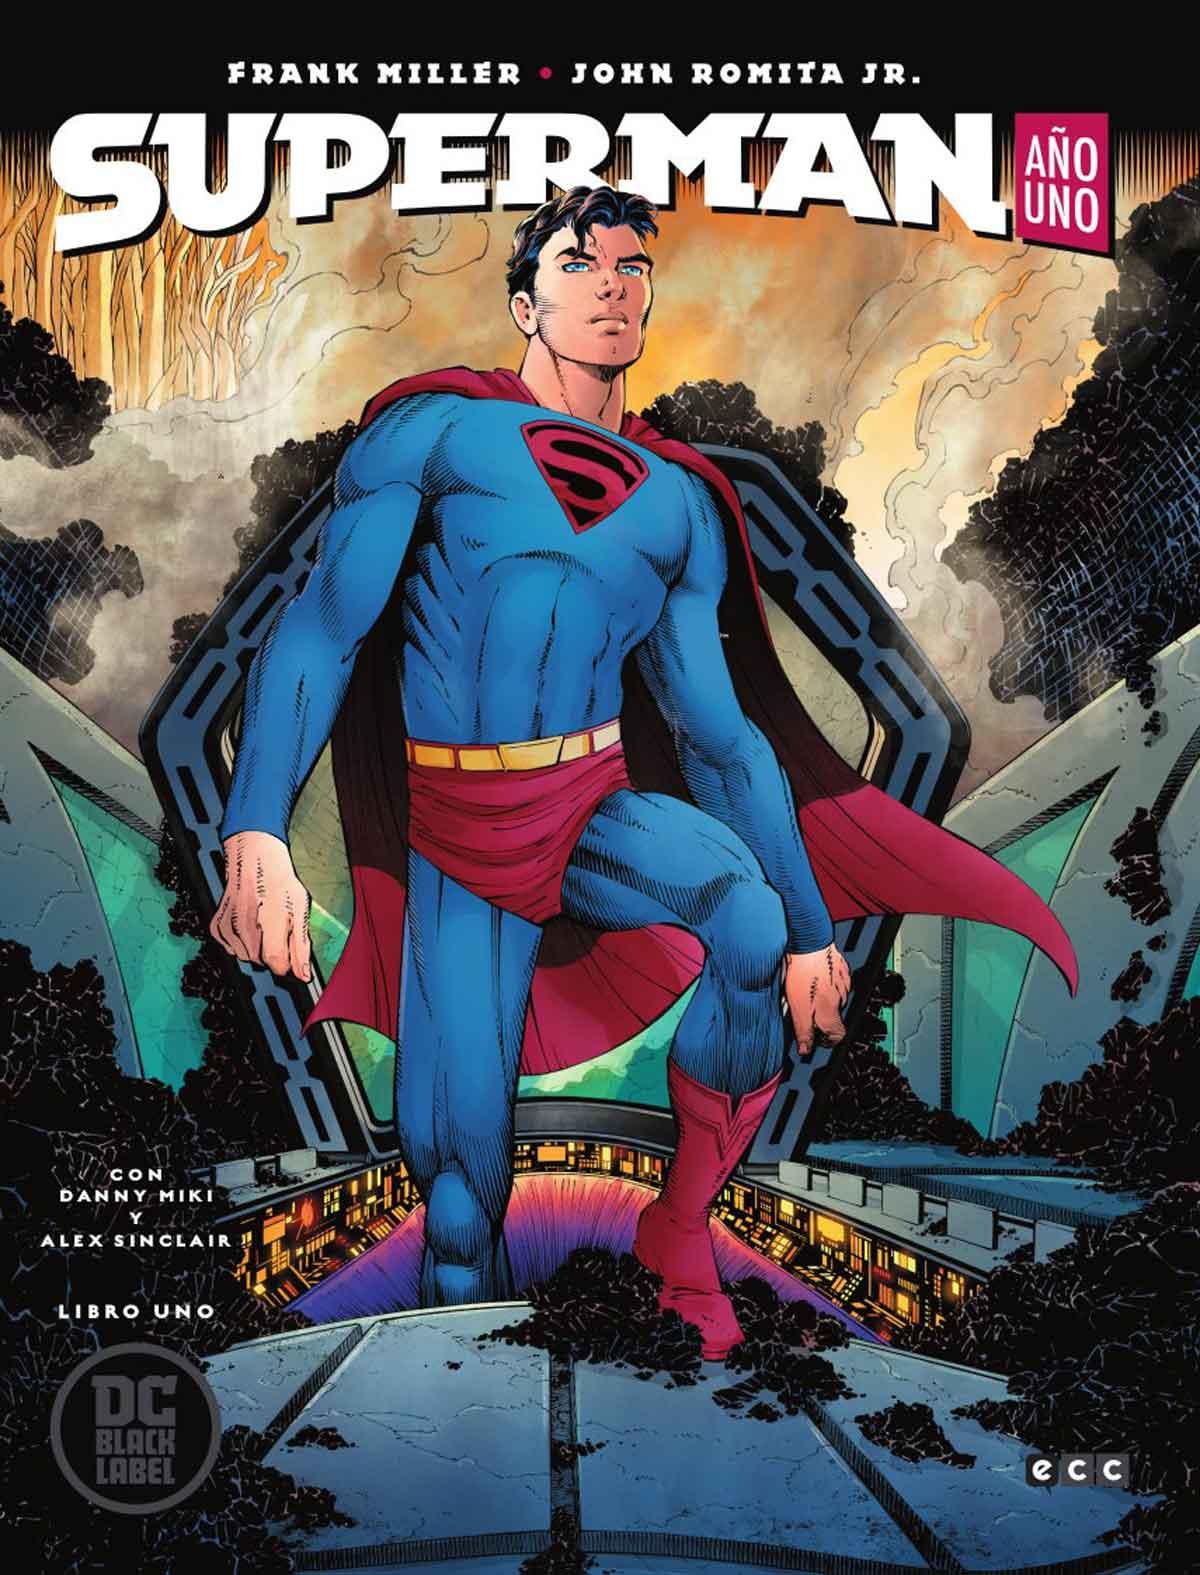 DC BLACK LABEL / SUPERMAN / SUPERMAN: AÑO UNO DE FRANK MILLER Y JOHN ROMITA JR